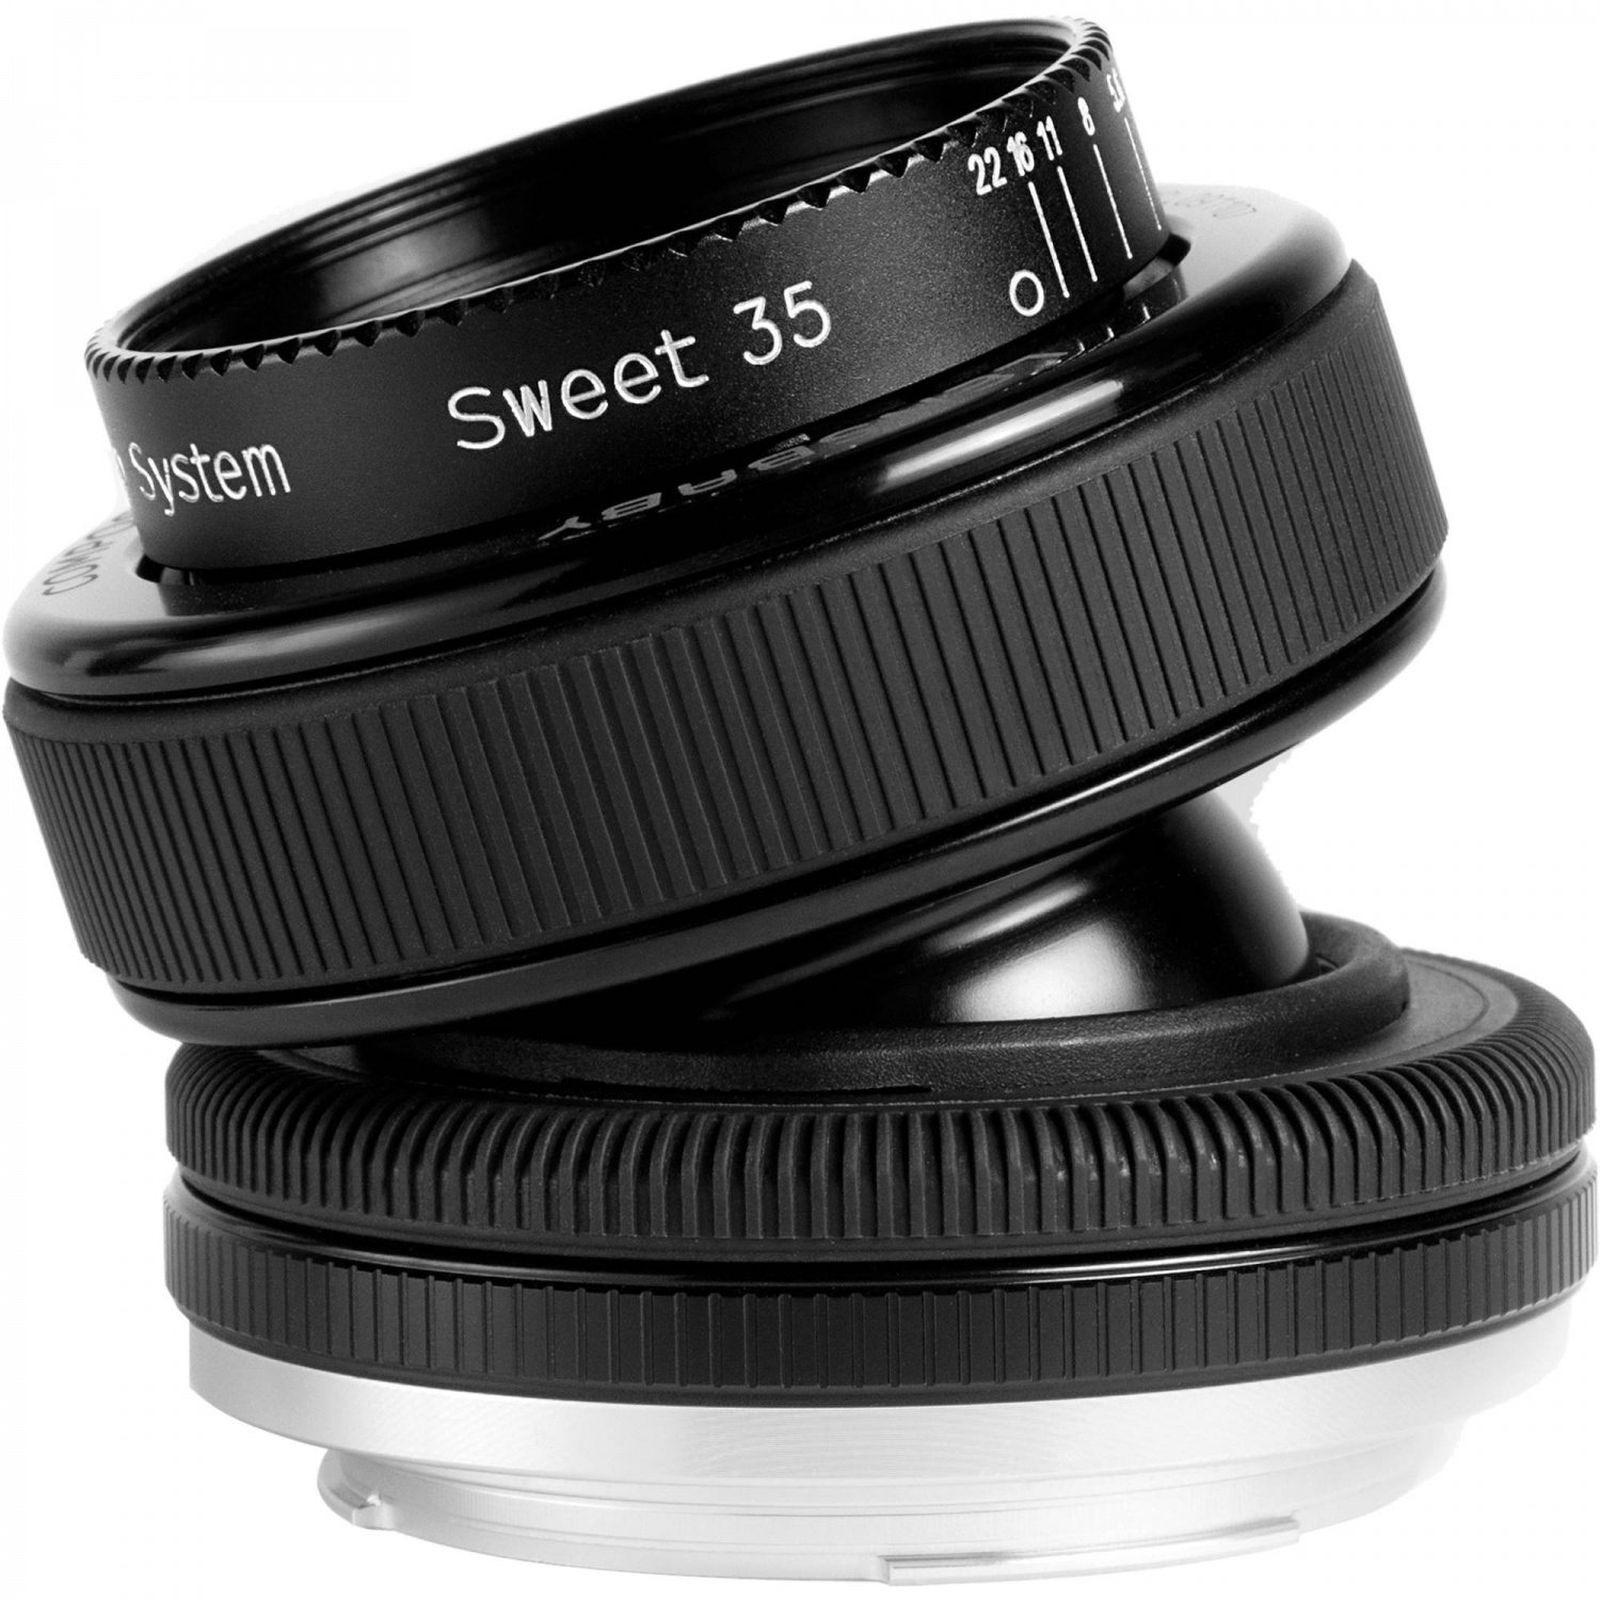 Объектив Lensbaby Composer Pro Double Glass 50mm f/4.0 для Sony/Minolta A, черный